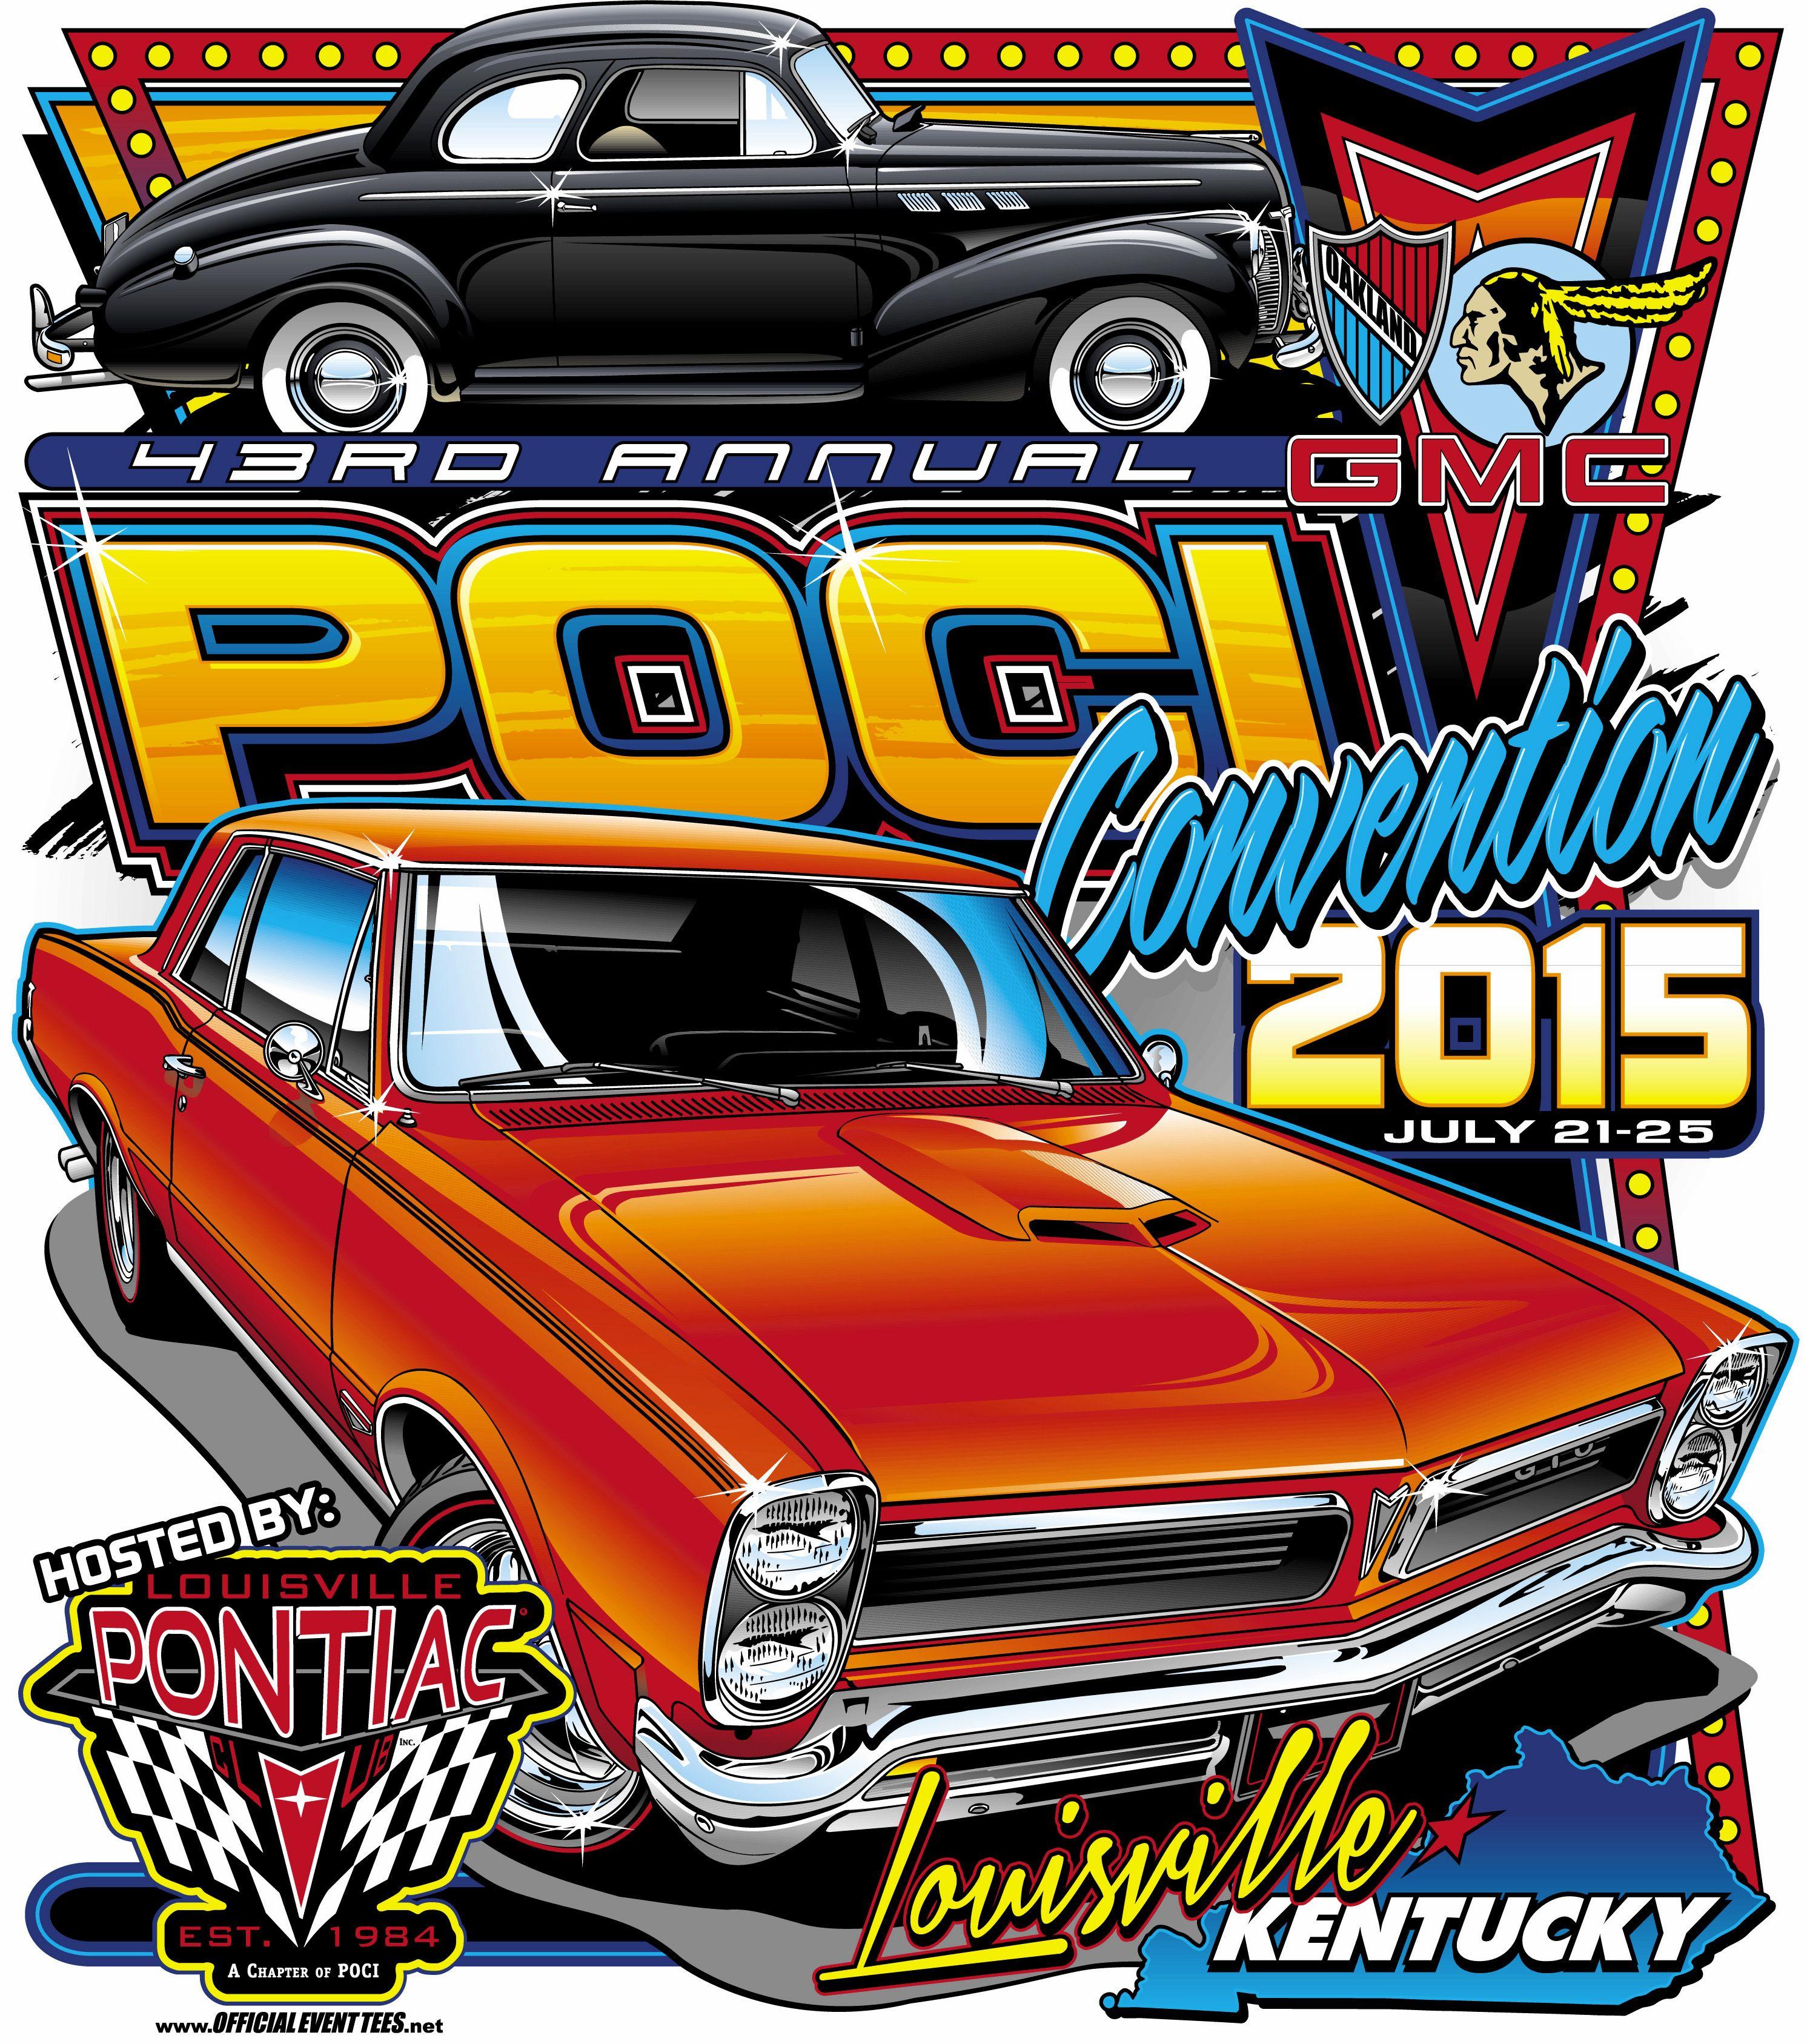 2015 Convention - Louisville